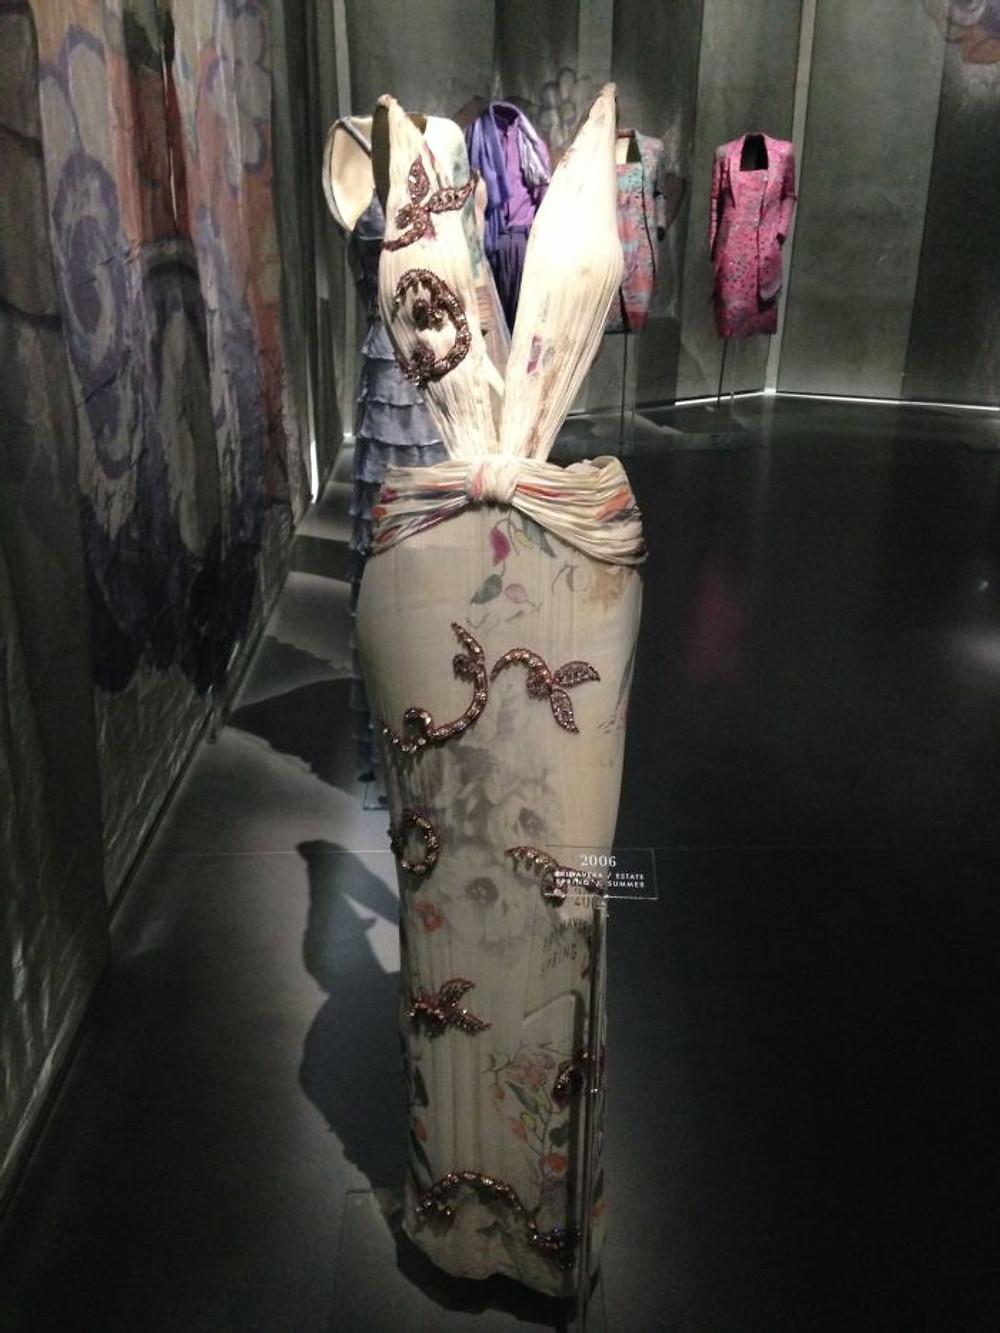 exhibition-armani40-atribute - 054